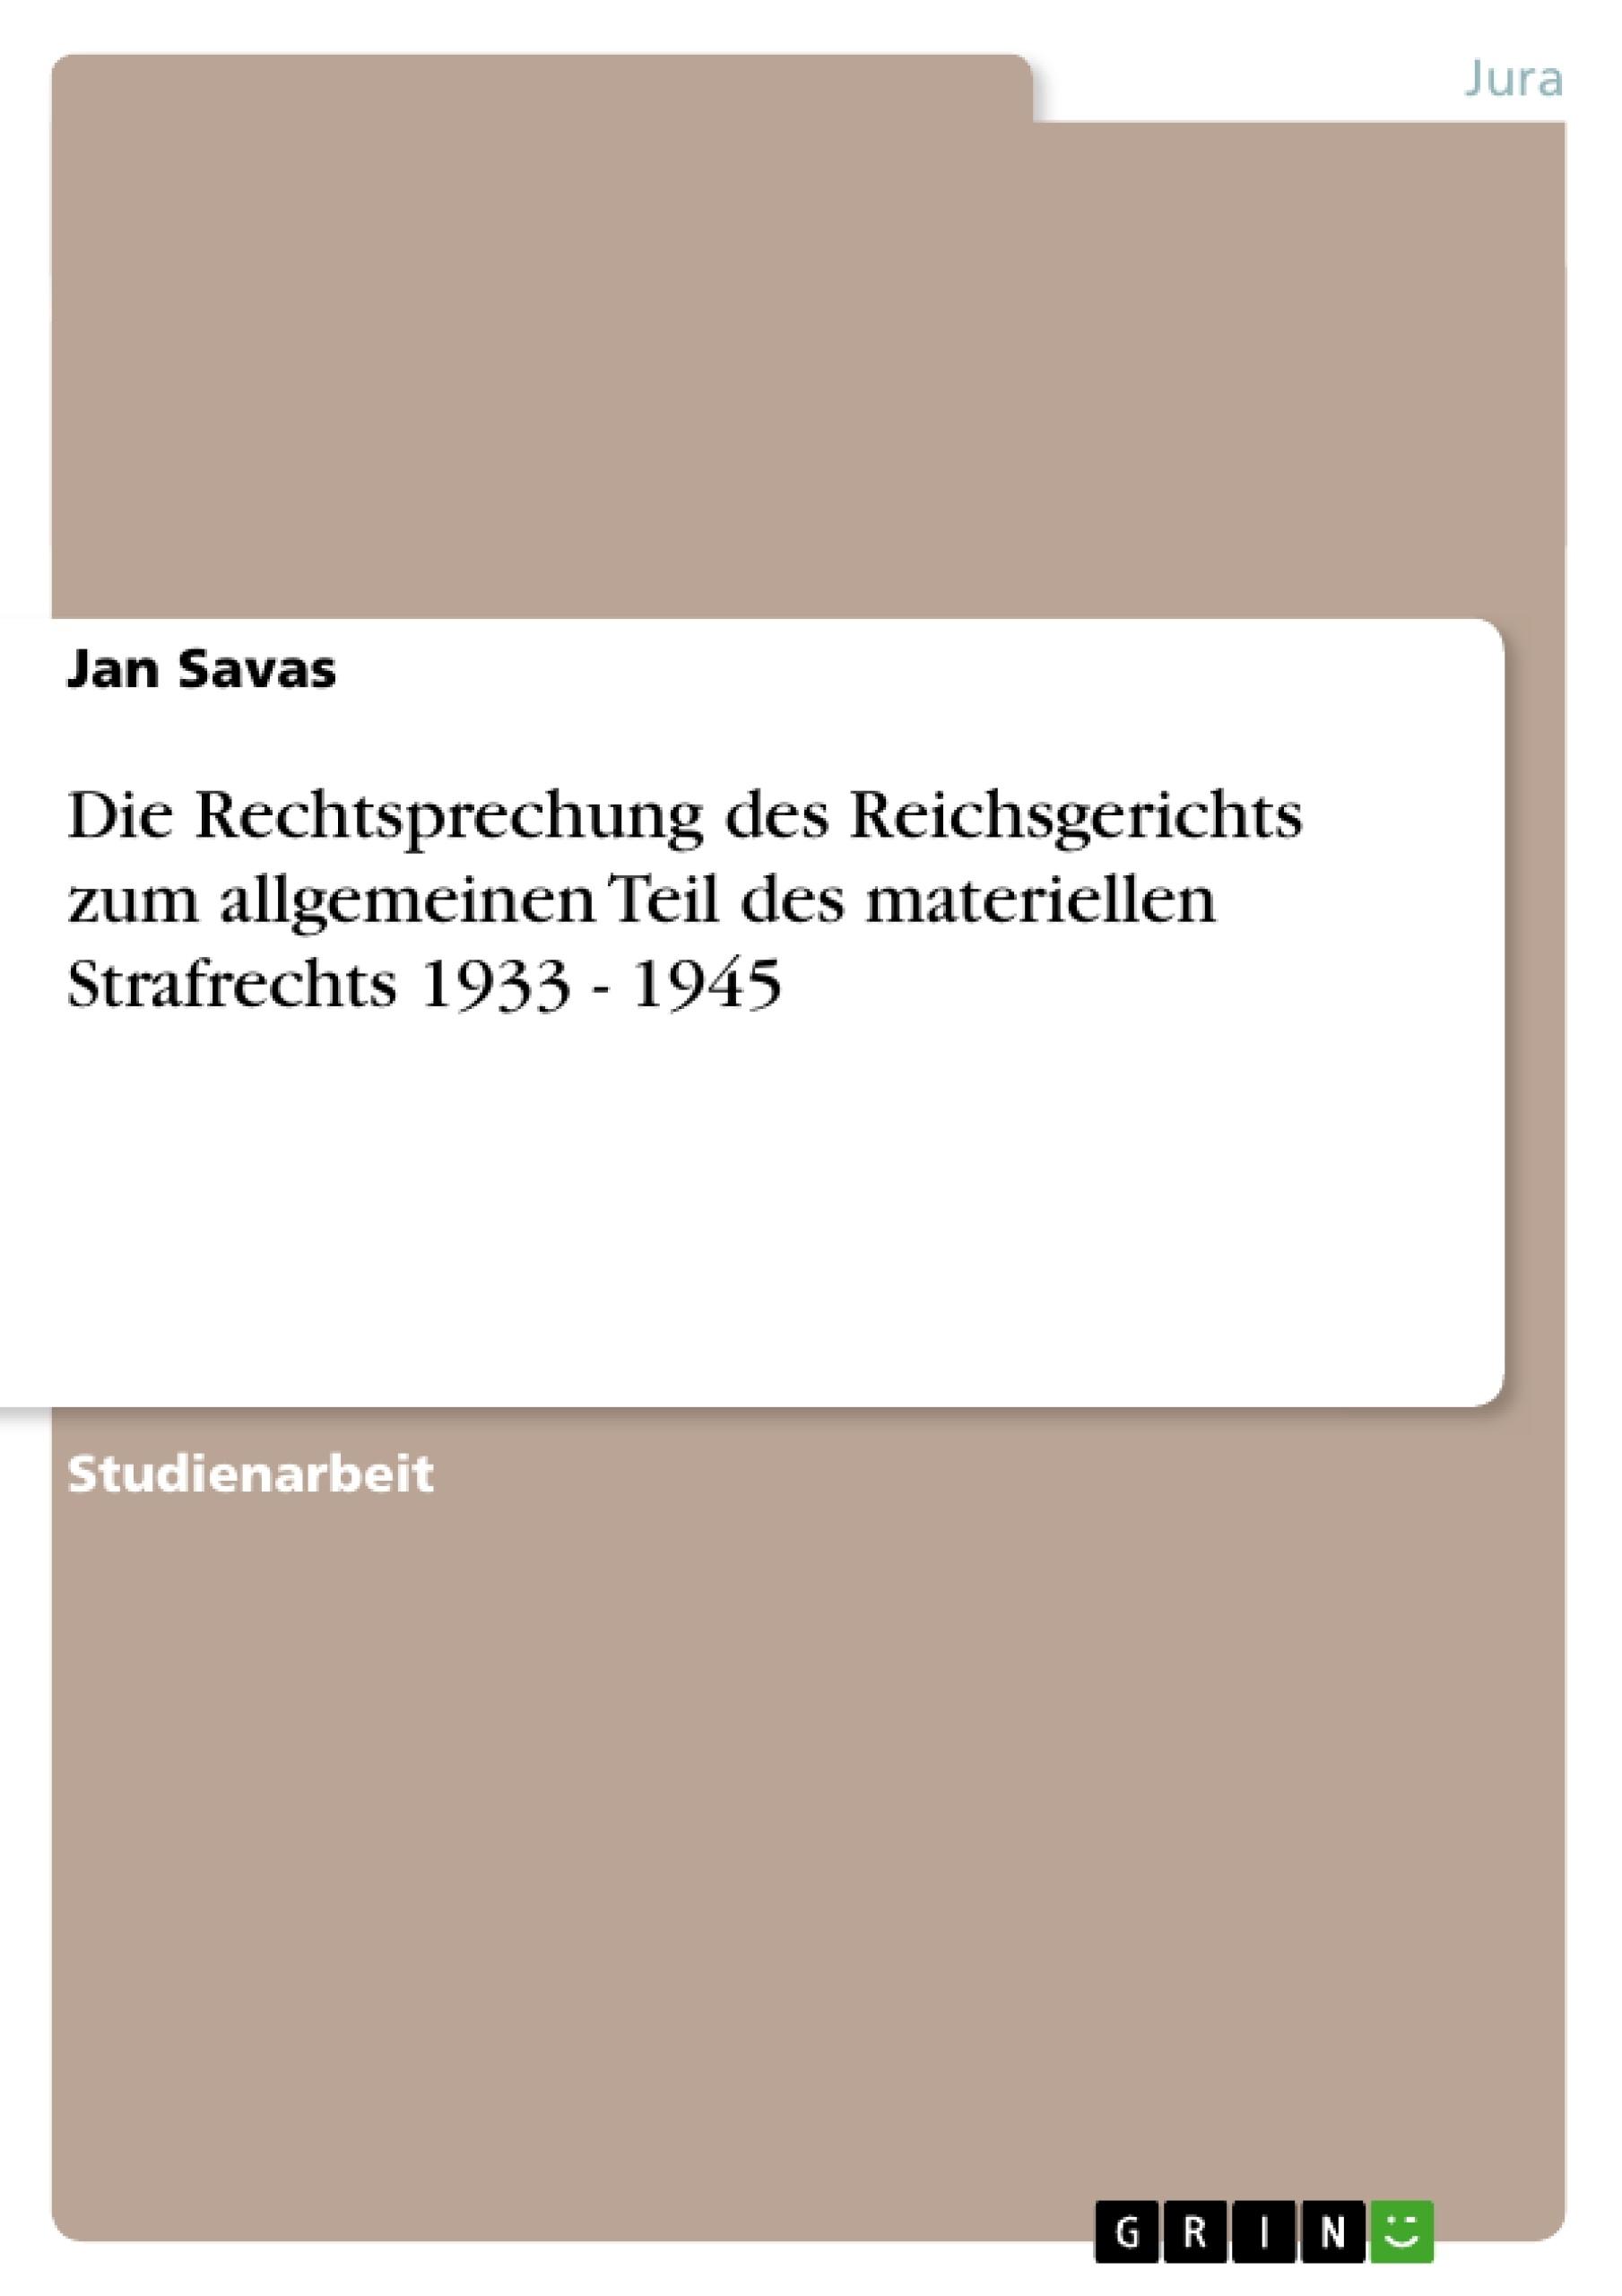 Titel: Die Rechtsprechung des Reichsgerichts zum allgemeinen Teil des materiellen Strafrechts 1933 - 1945